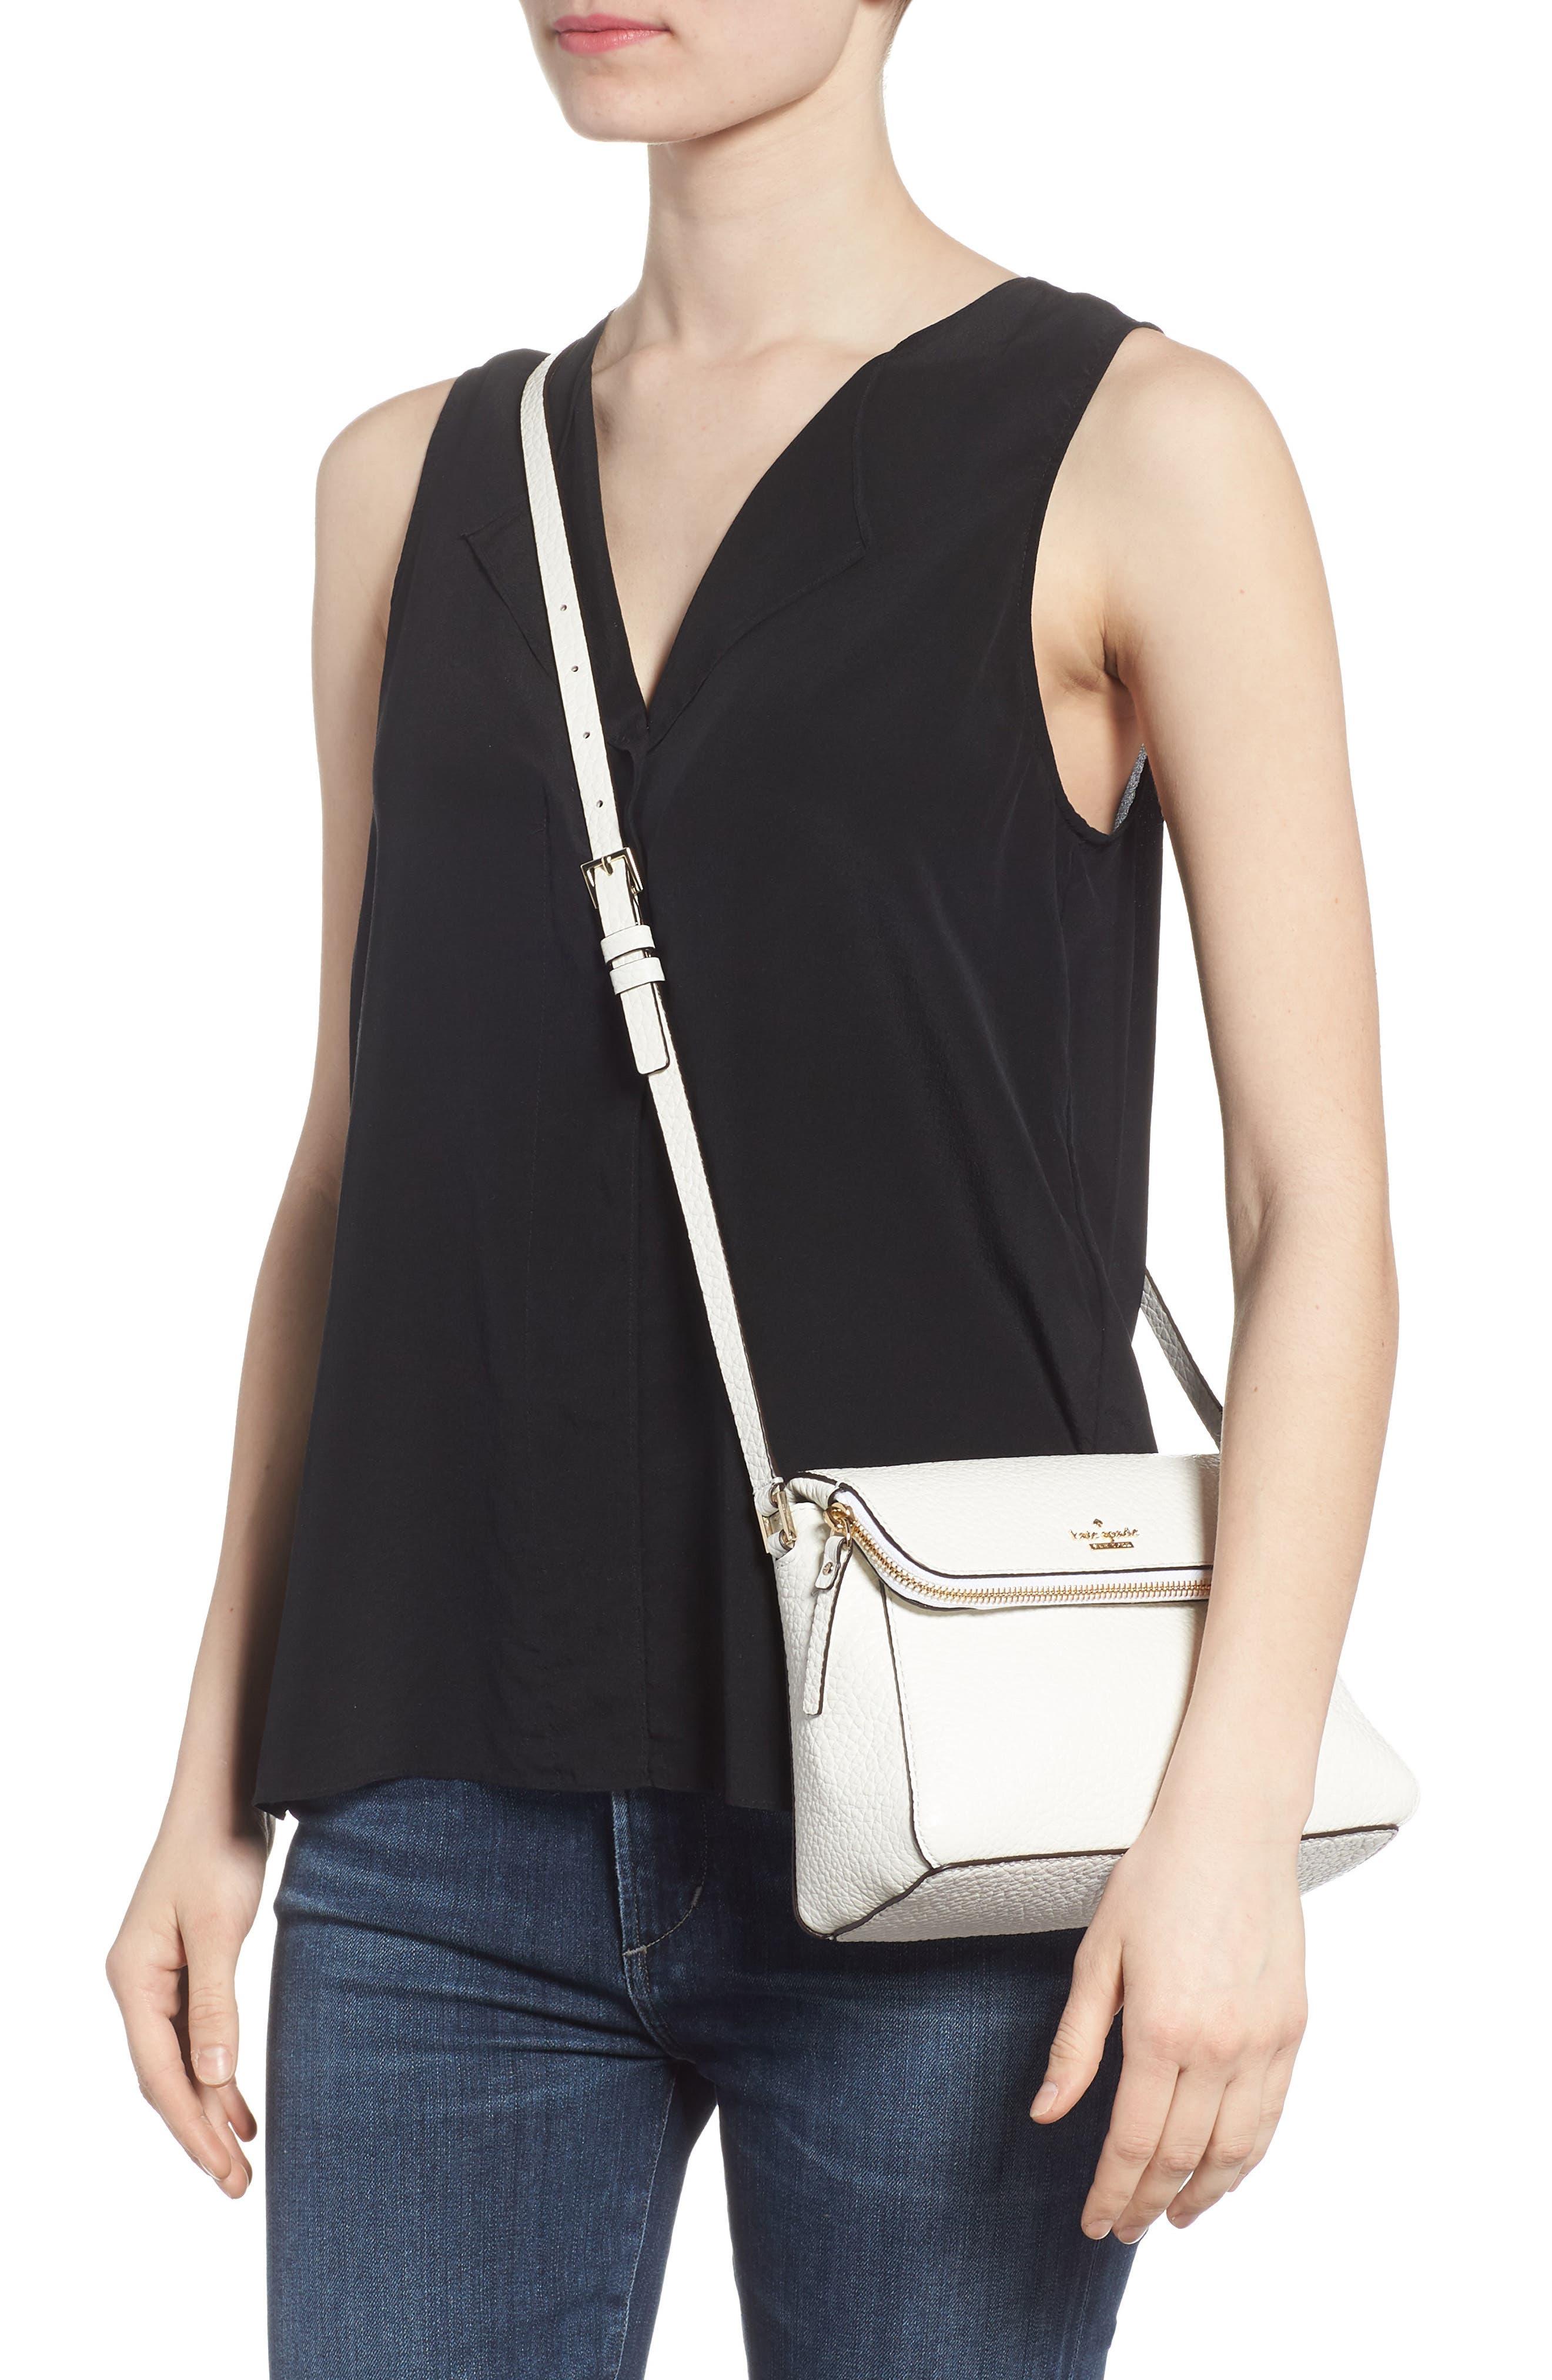 carter street - berrin leather crossbody bag,                             Alternate thumbnail 2, color,                             Bright White